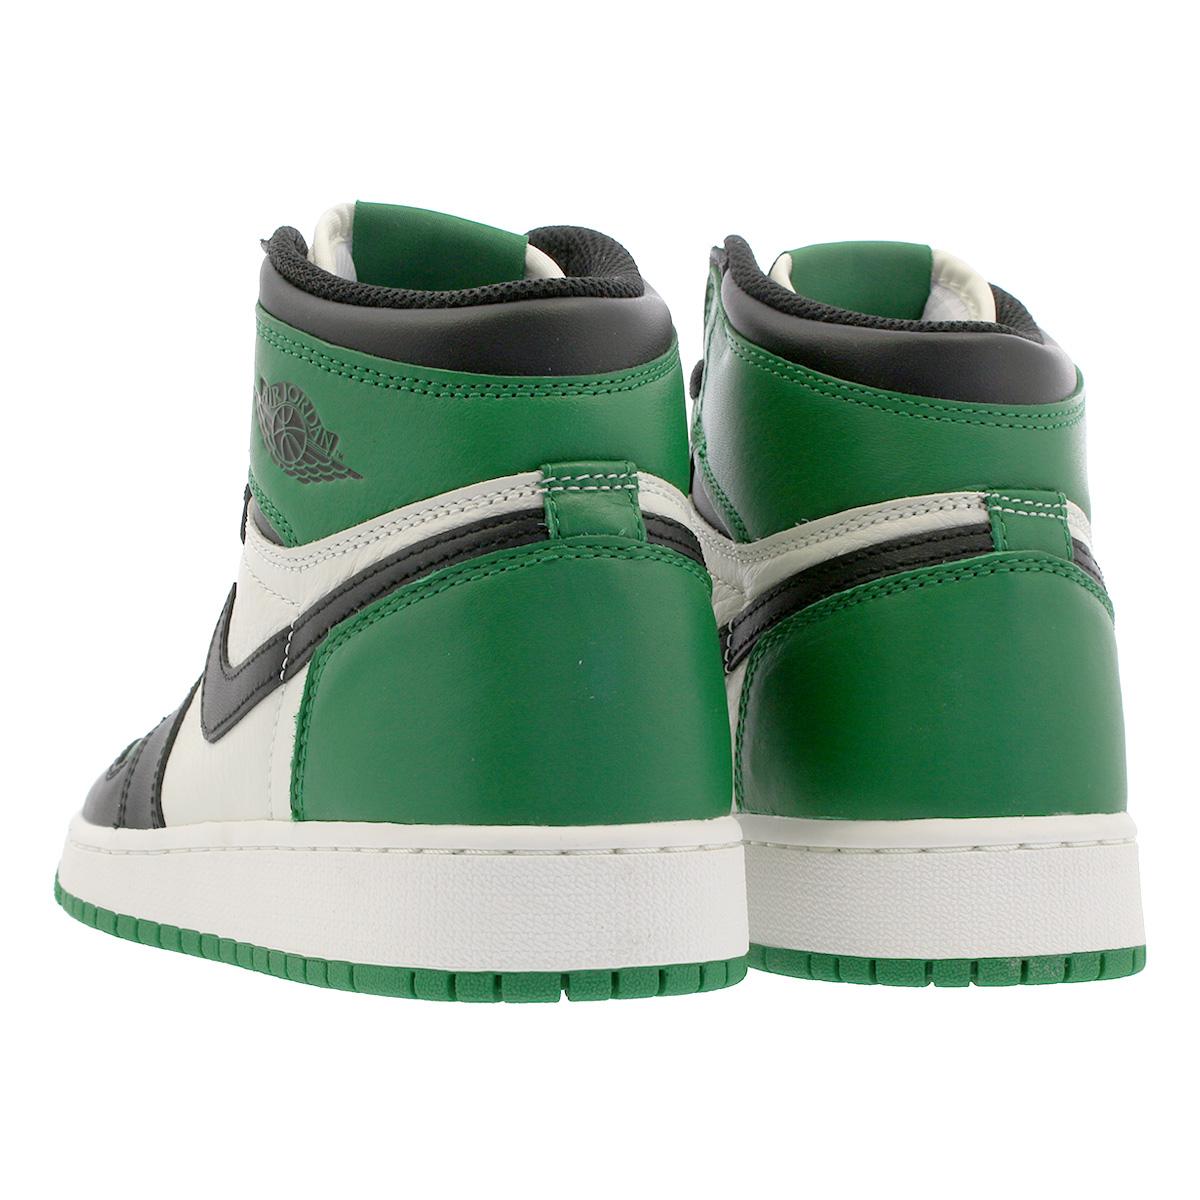 374583215709 NIKE AIR JORDAN 1 RETRO HIGH OG BG Nike Air Jordan 1 nostalgic high OG BG PINE  GREEN BLACK SAIL 575